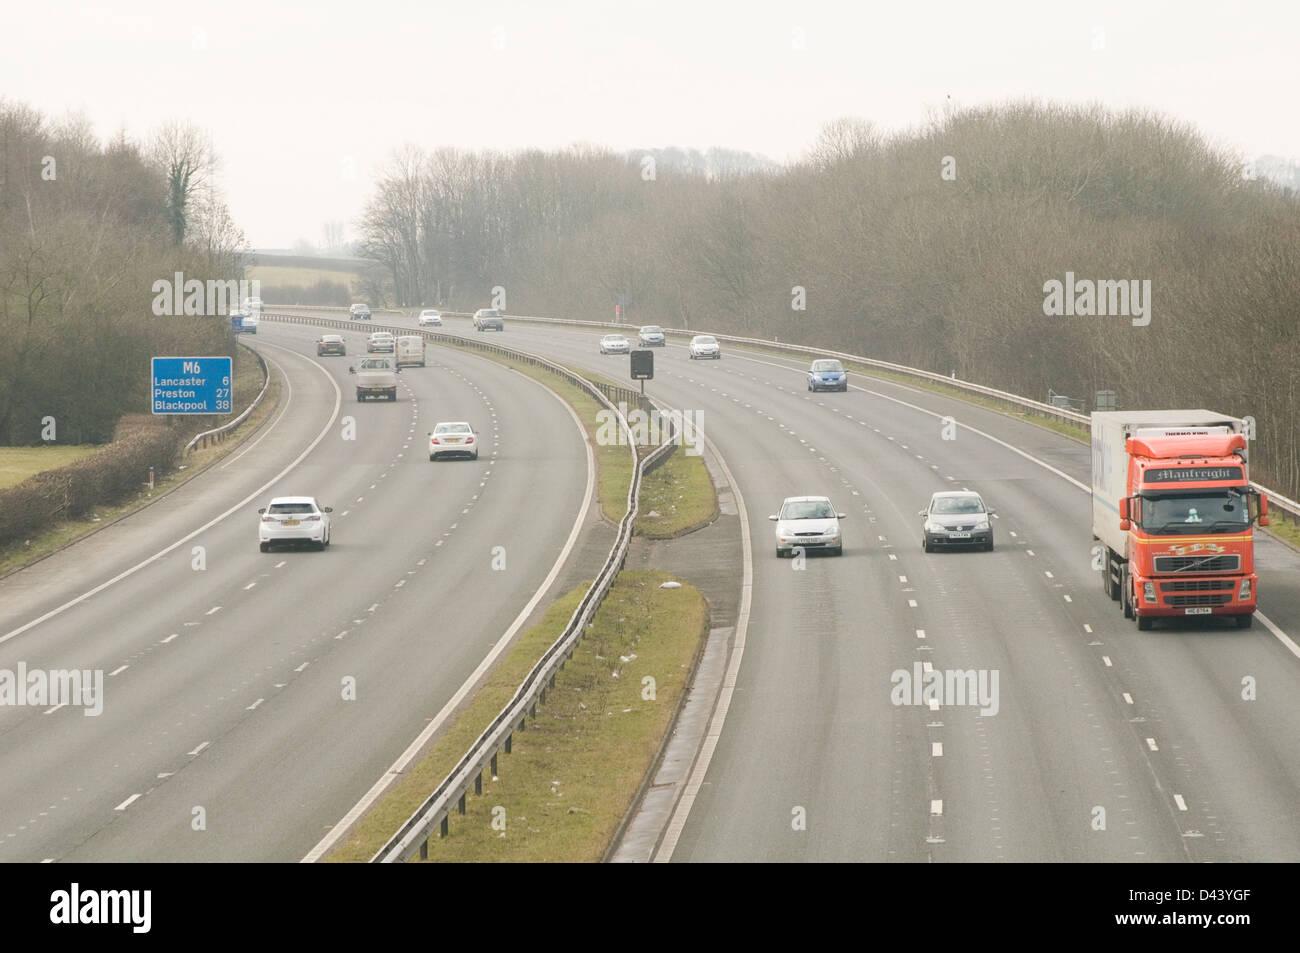 m6 motorway uk motorways network quite traffic three 3 lane lanes - Stock Image